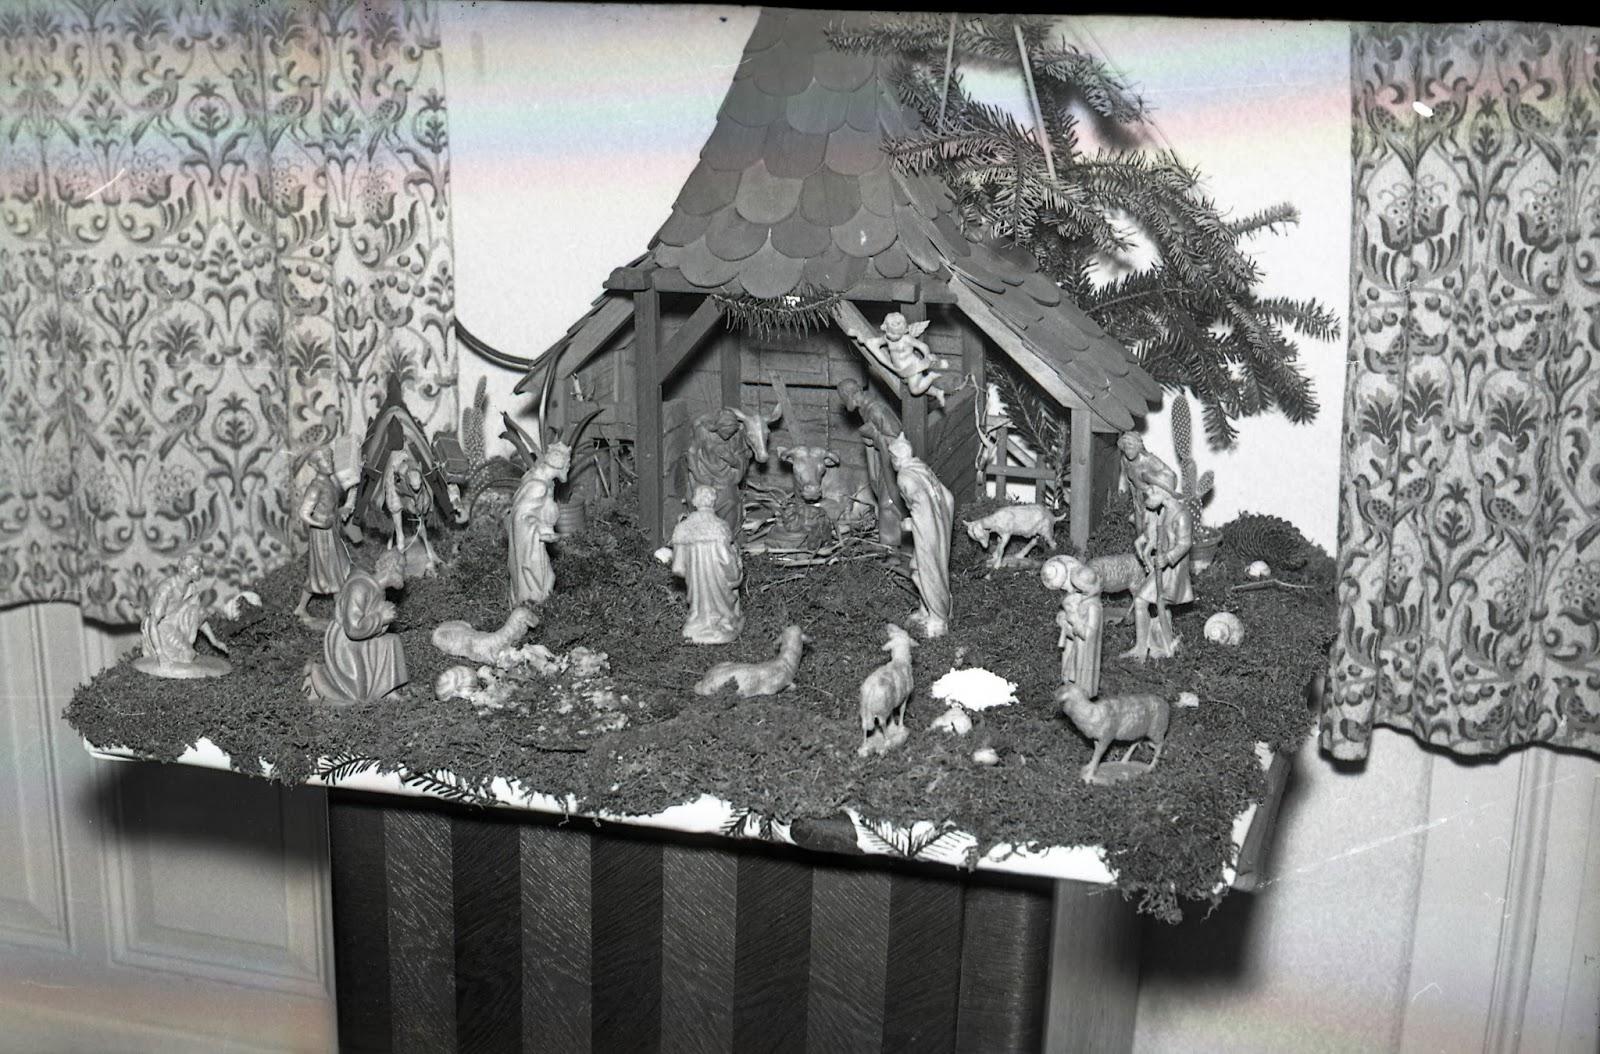 bildertanz frohe weihnachten w nscht ihnen der bildertanz. Black Bedroom Furniture Sets. Home Design Ideas